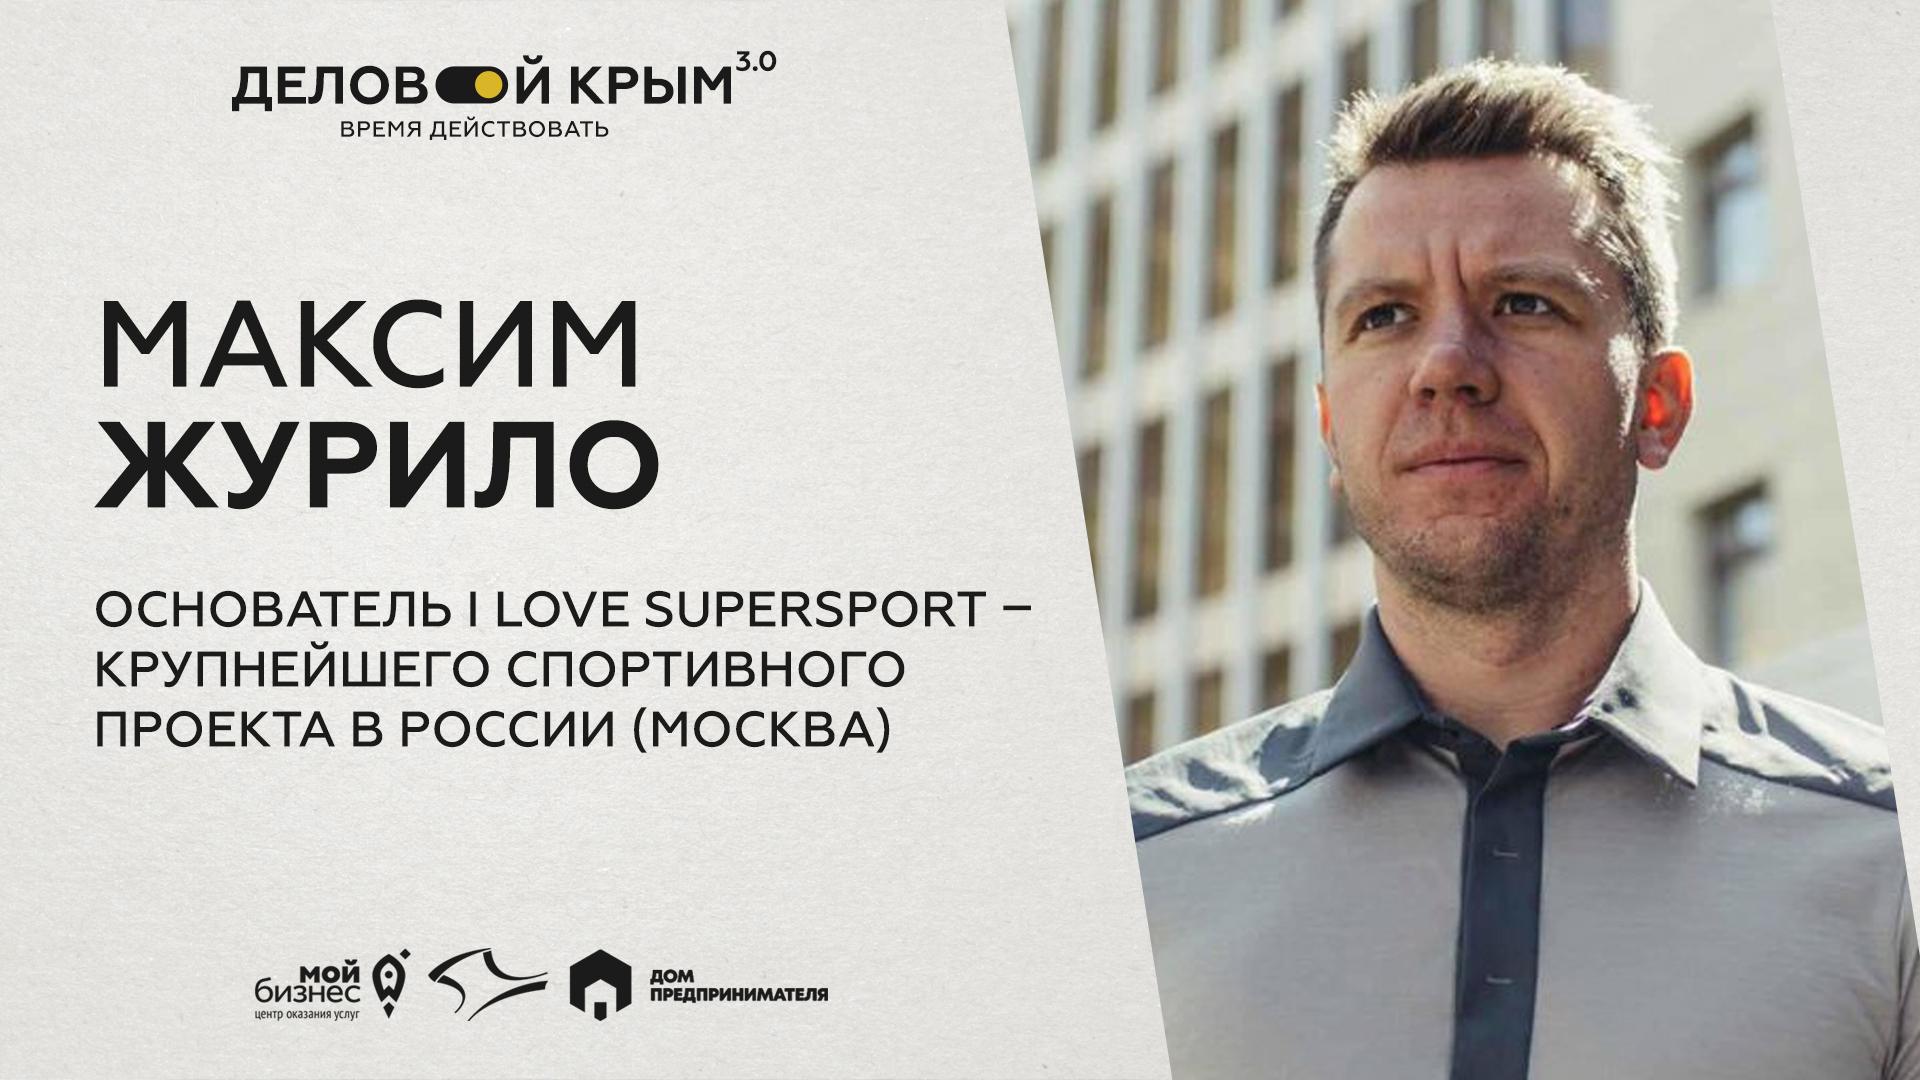 Деловой Крым: время действовать